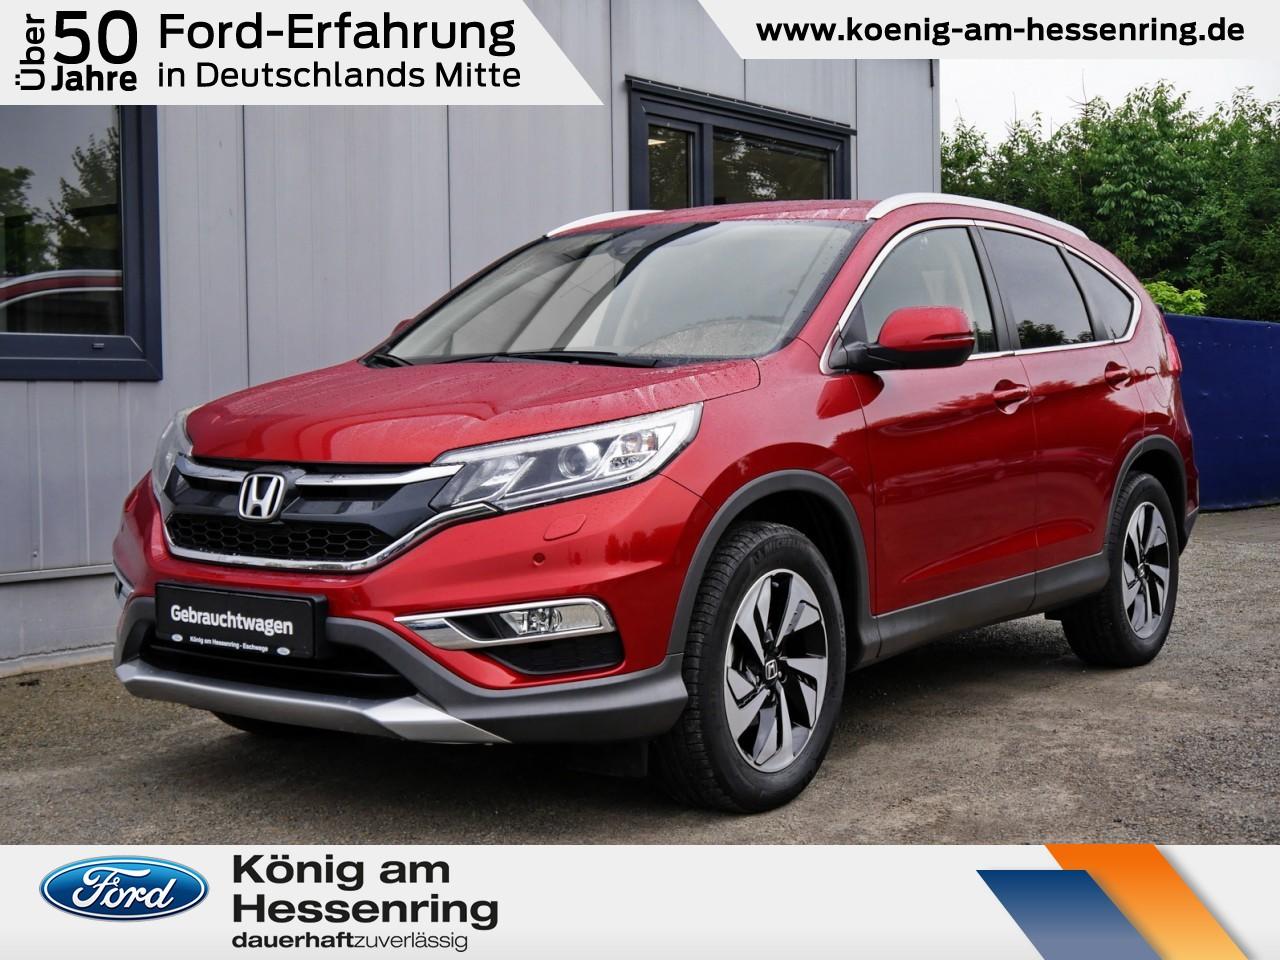 Honda CR-V Lifestyle 2.0 i-VTEC 4x4 NAV+Xenon+DAB+PDC, Jahr 2015, Benzin